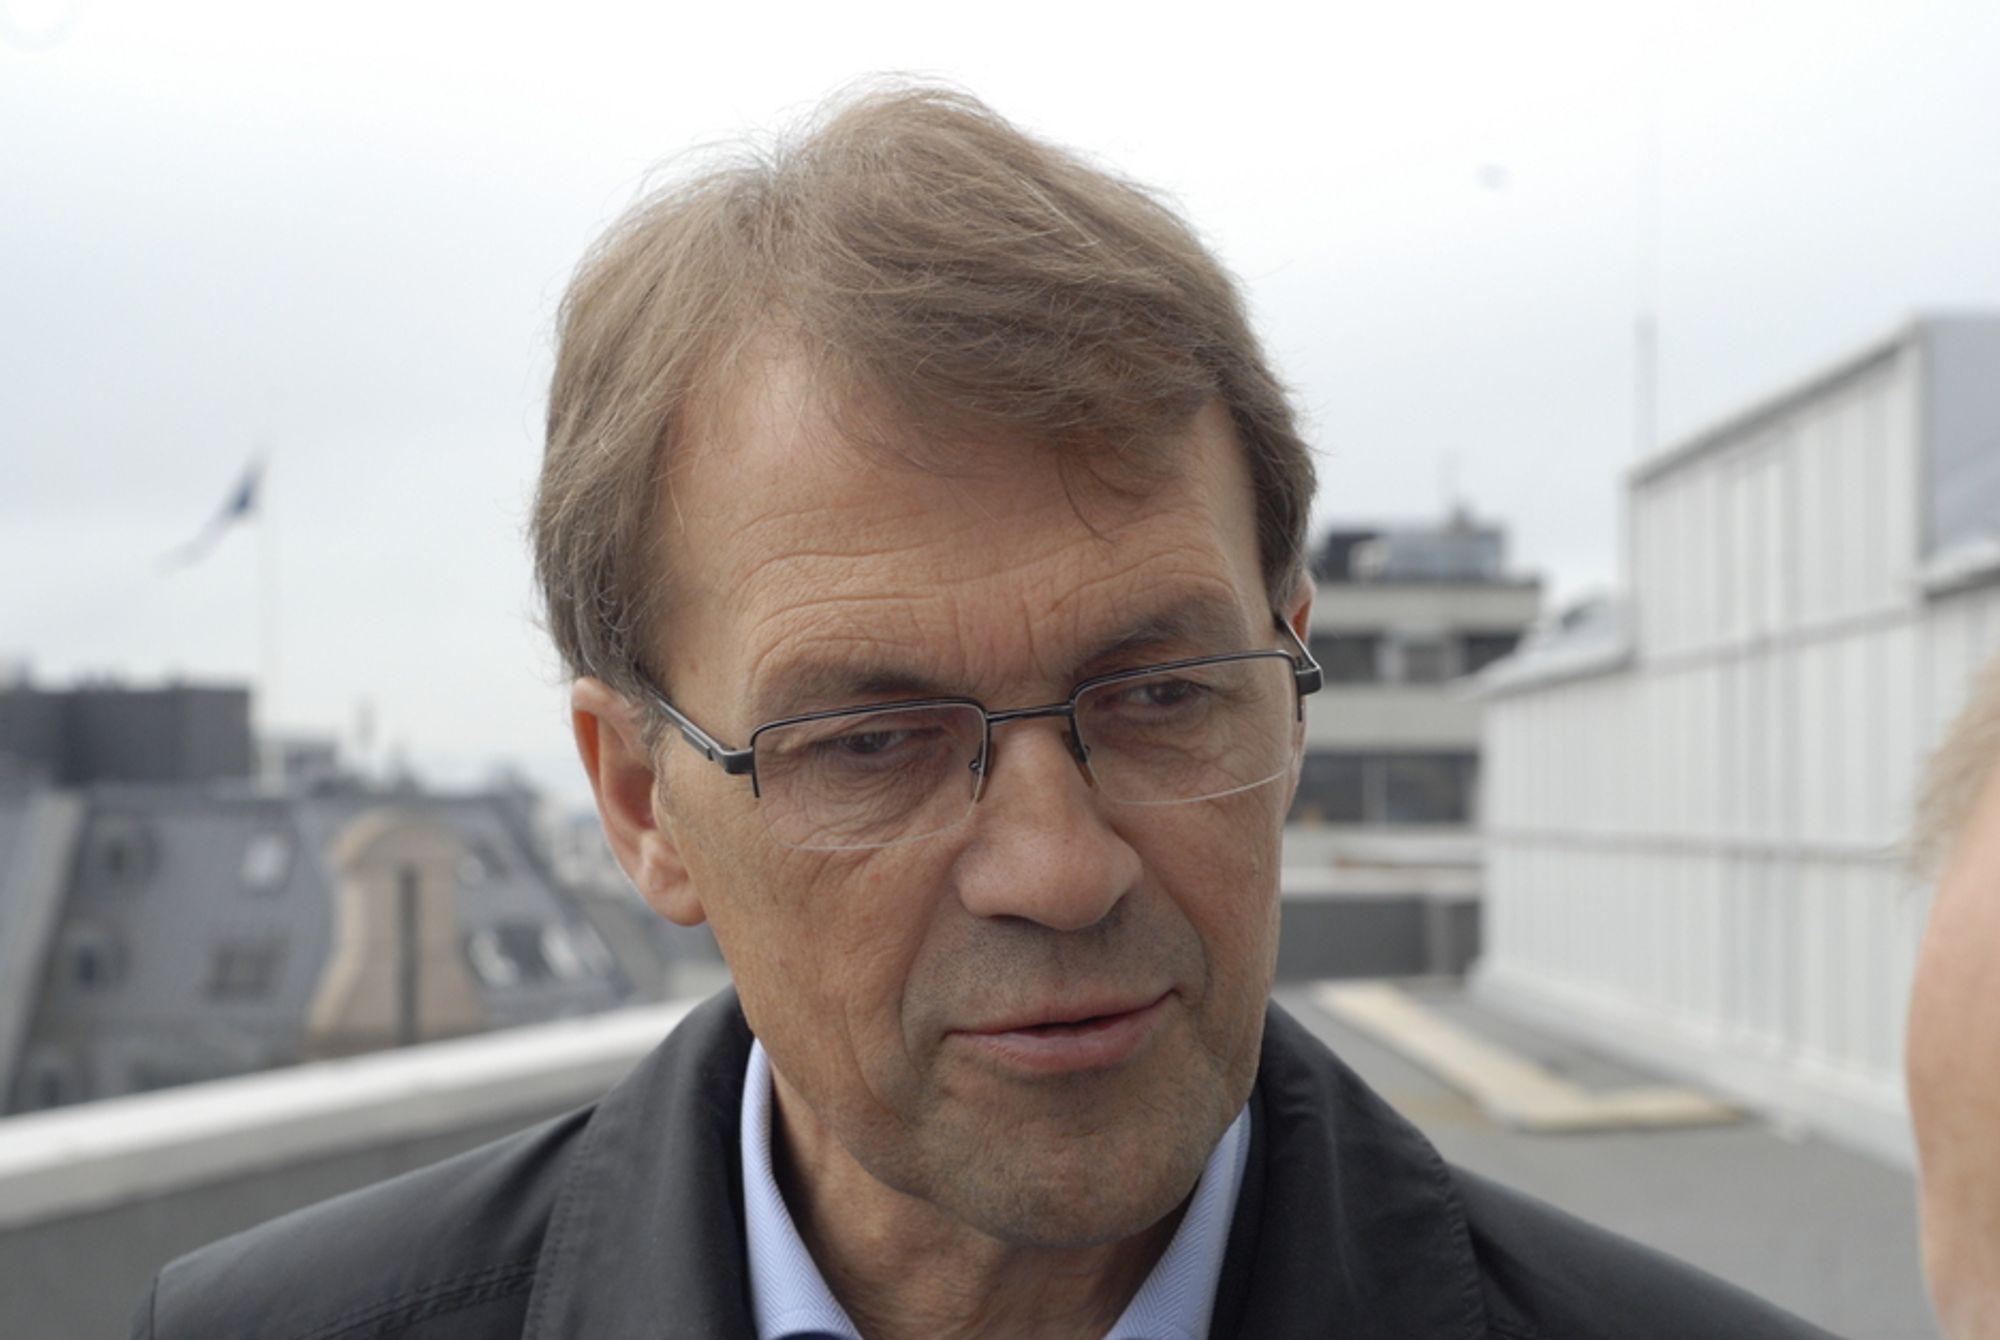 Styreleder Eivind Reiten i Norske Skog skal lede en ekspertgruppe som skal se på muligheter til å få flere rigger på norsk sokkel.